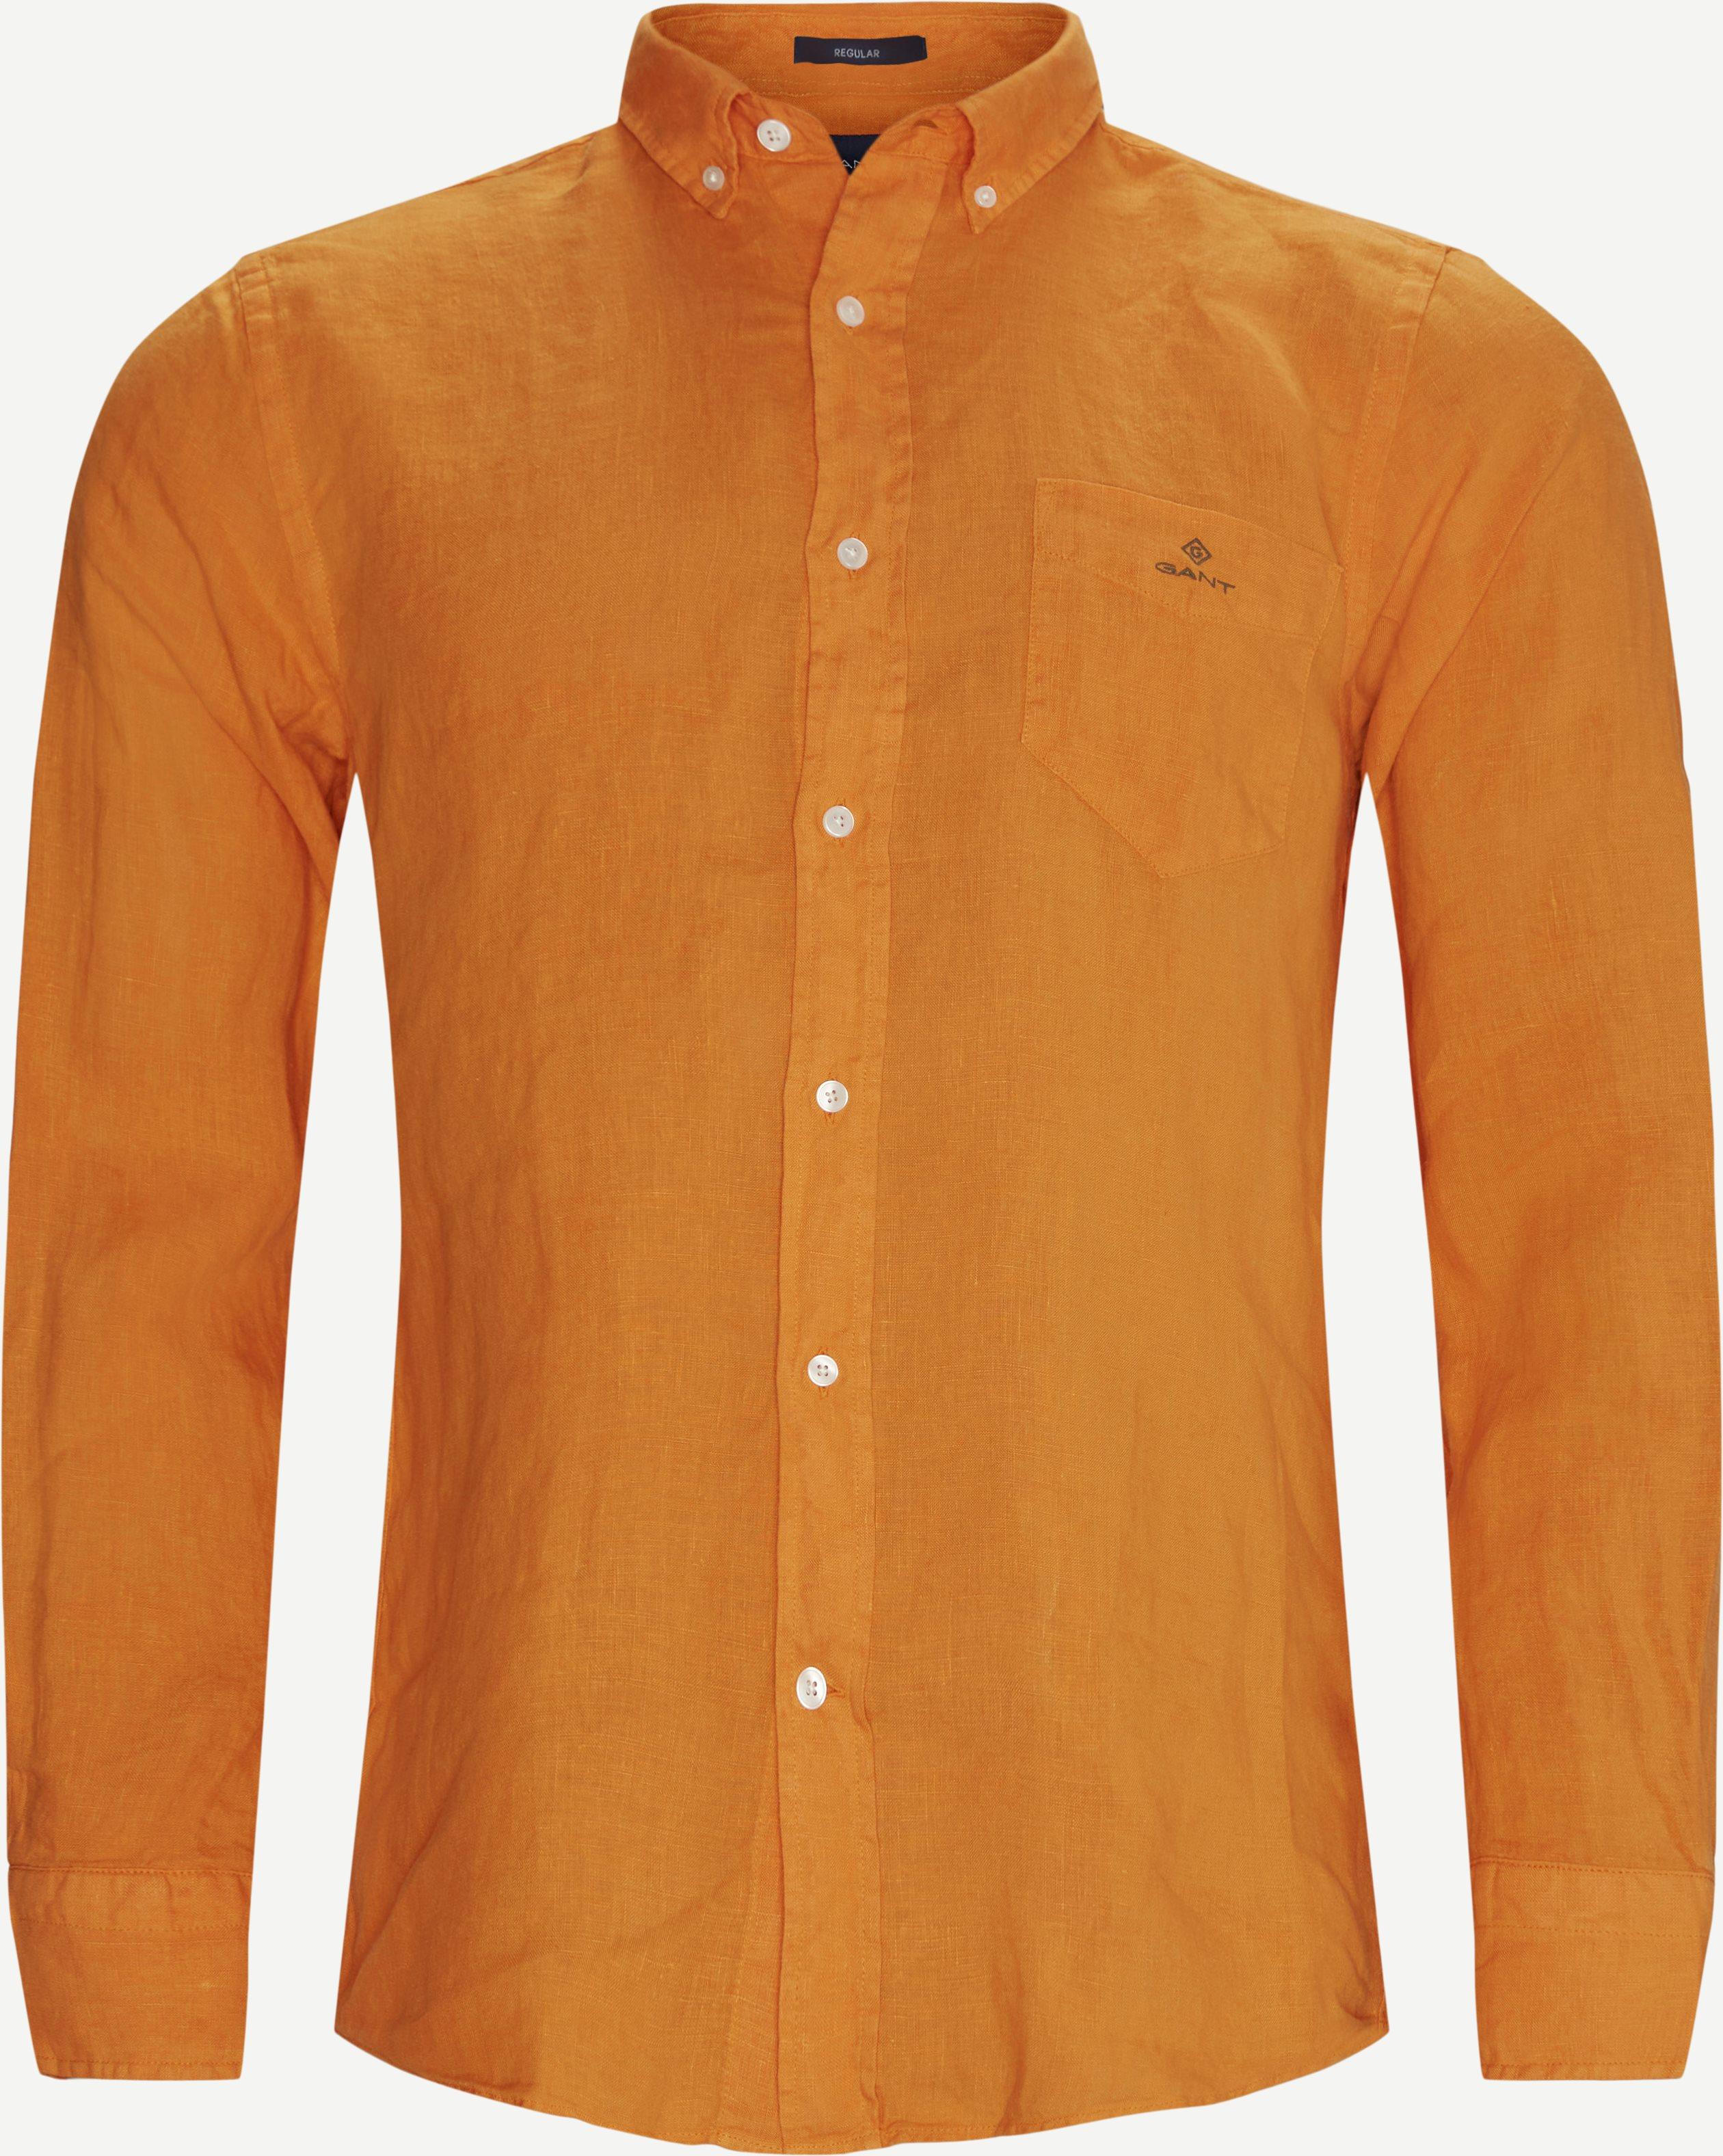 Shirts - Regular fit - Orange